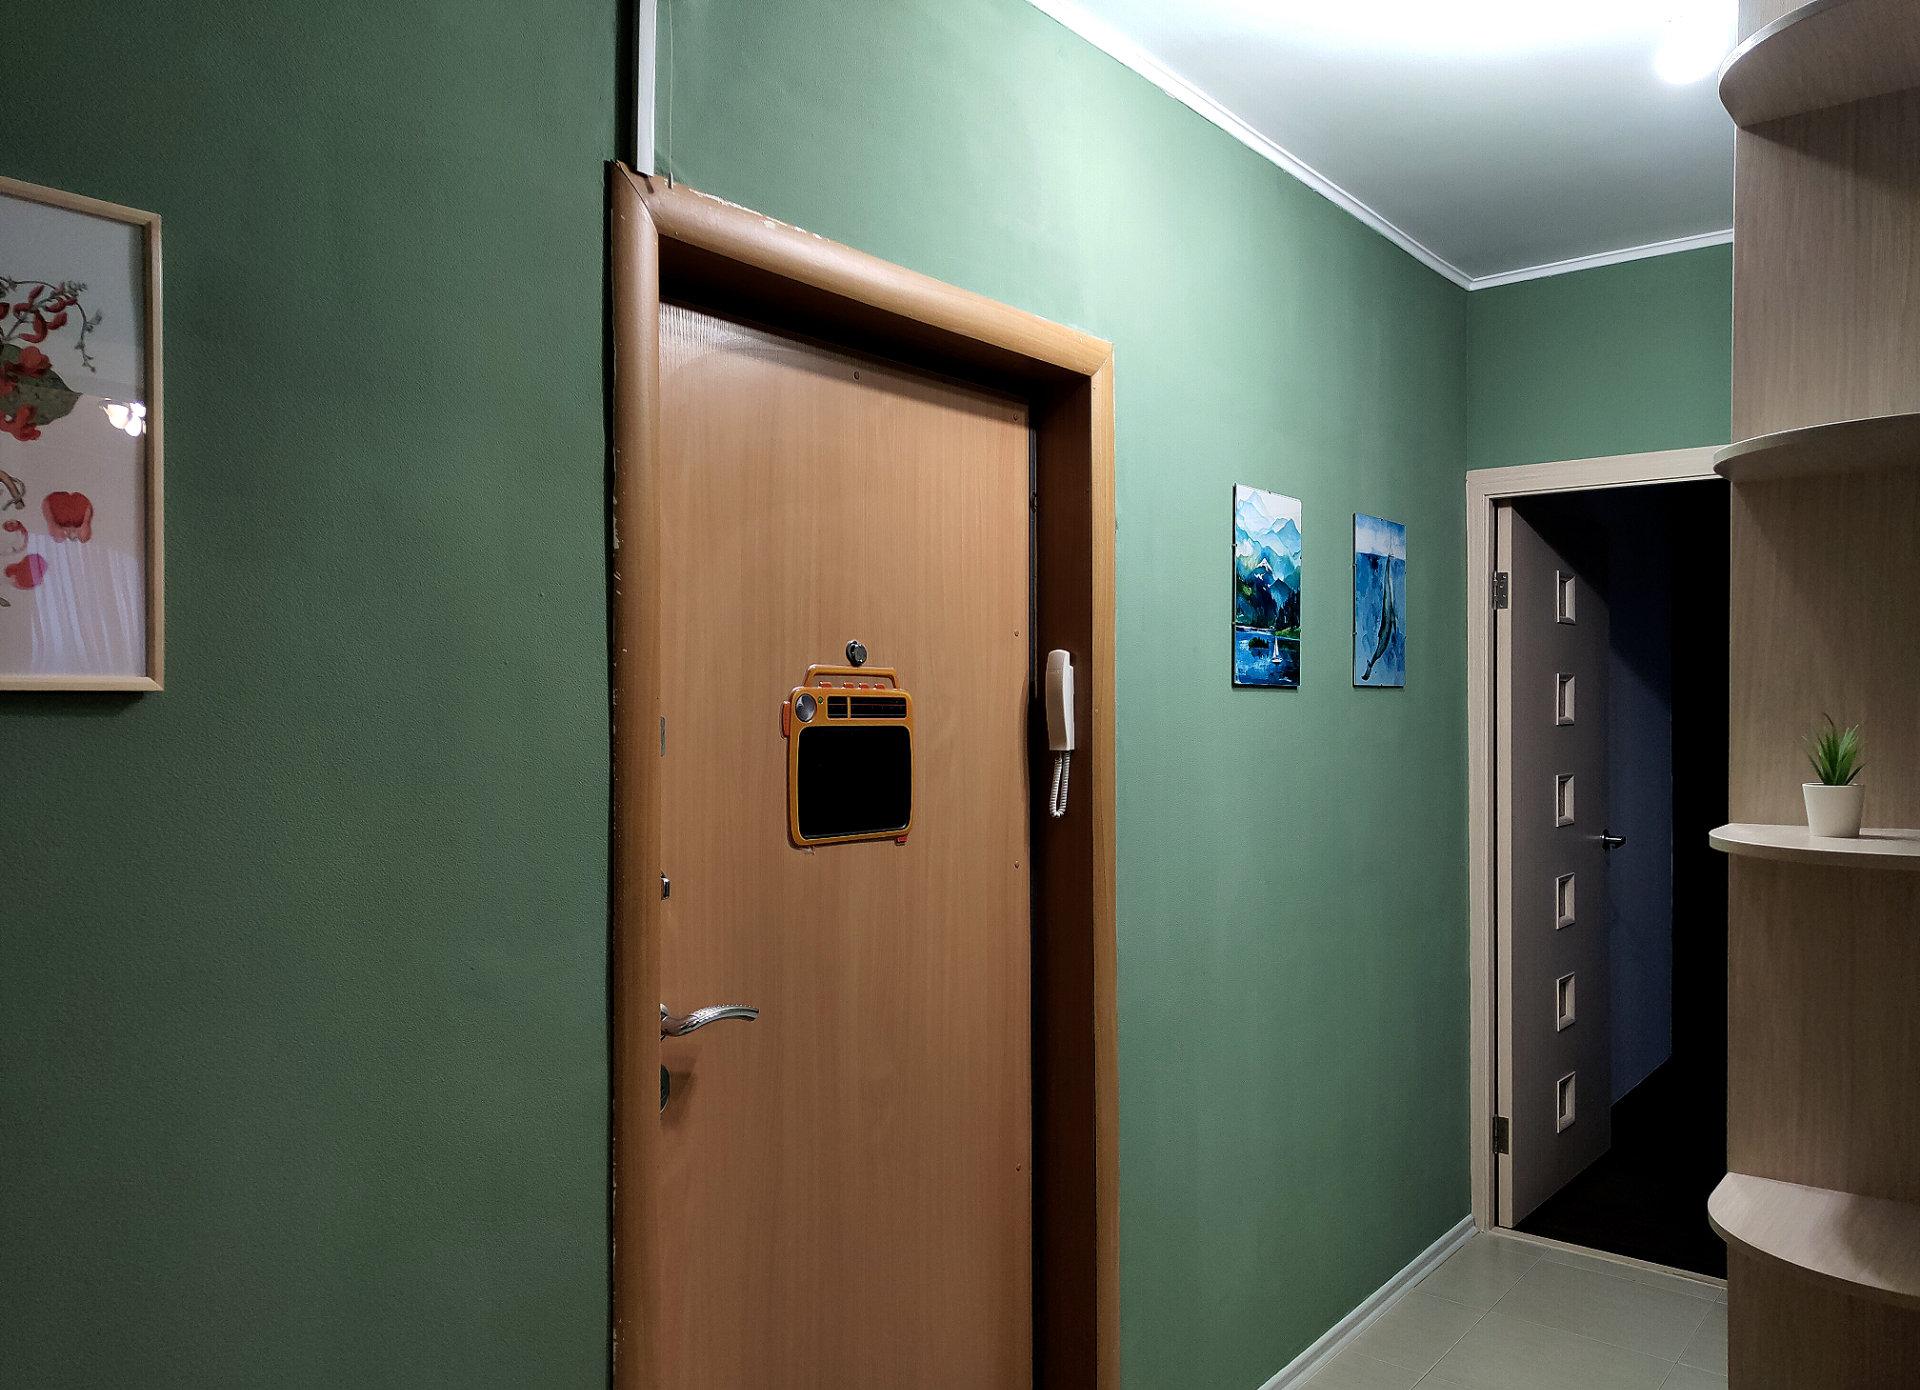 2к квартира Свободный пр-кт, д 74 | 25000 | аренда в Красноярске фото 0